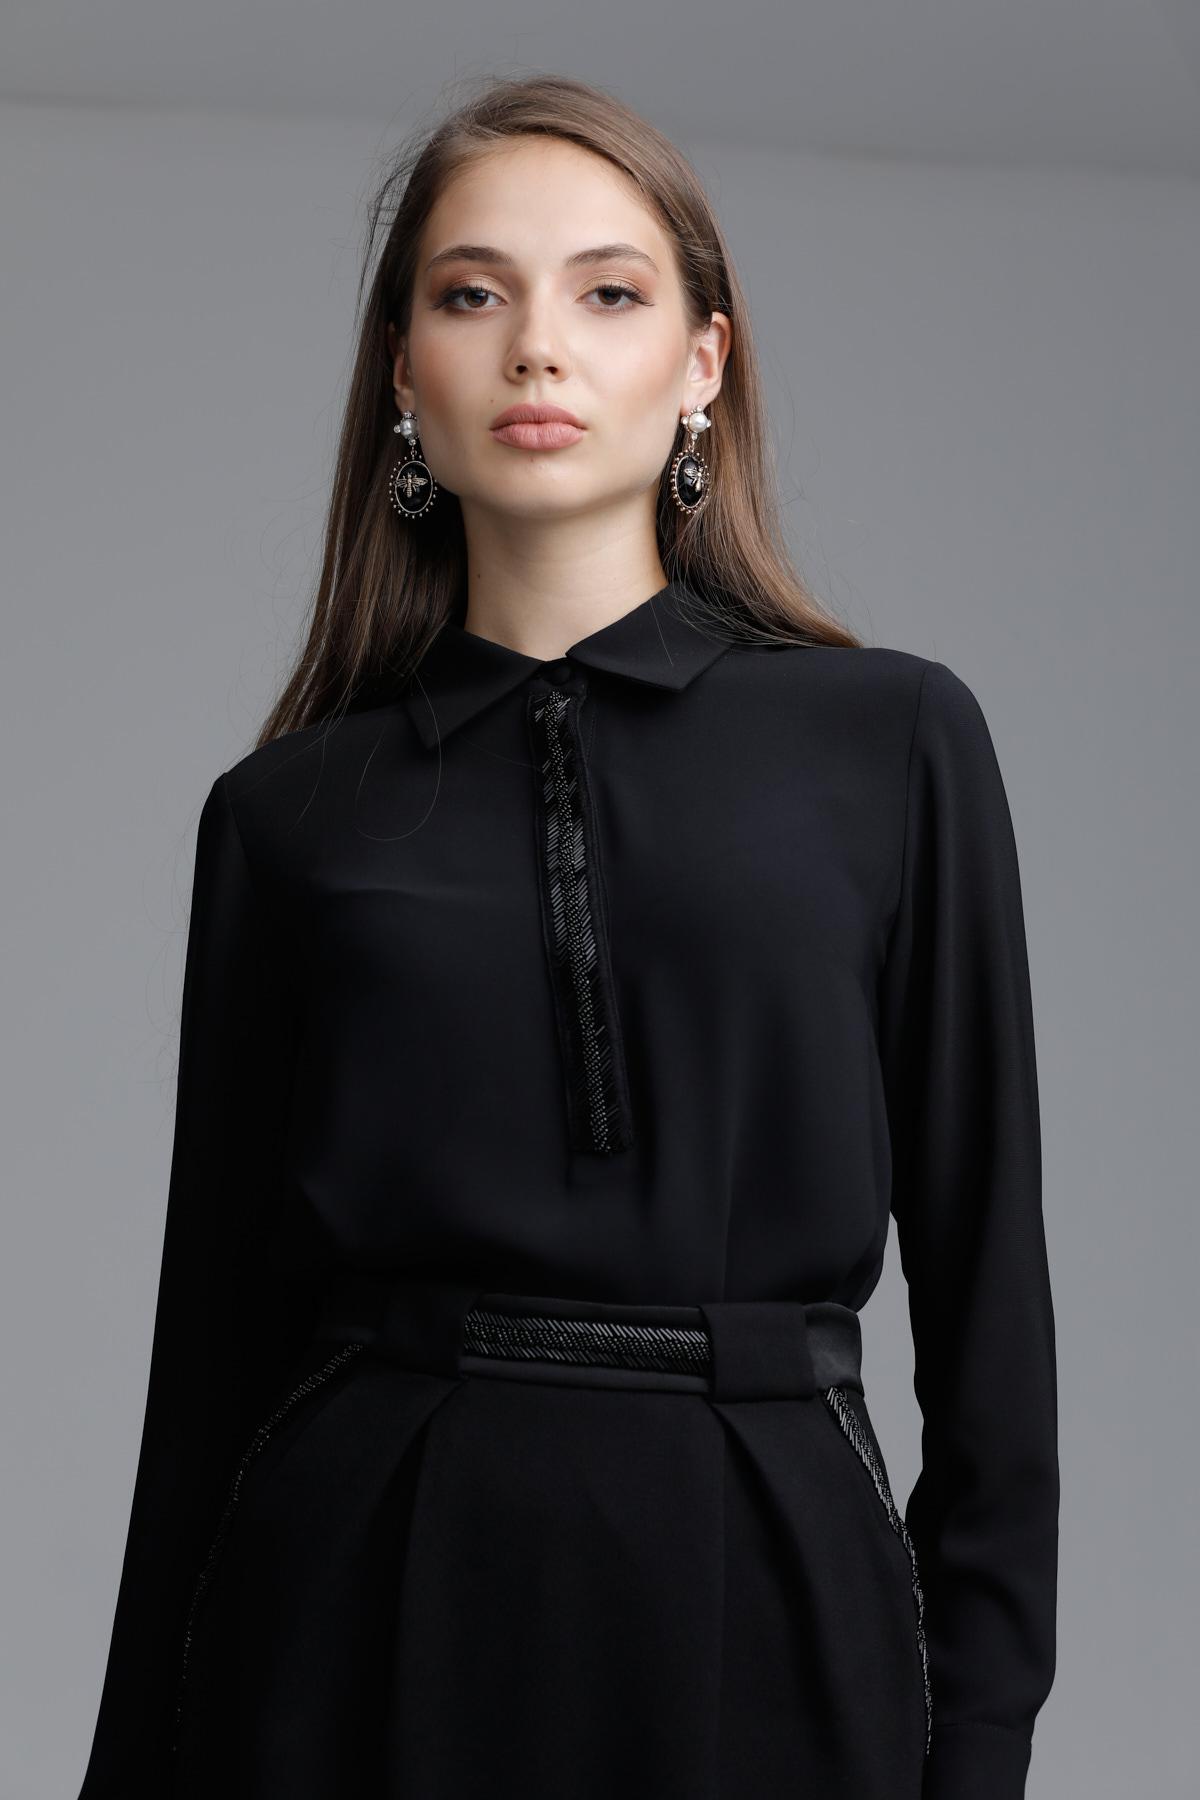 Olina Gömlek Siyah 2208w21